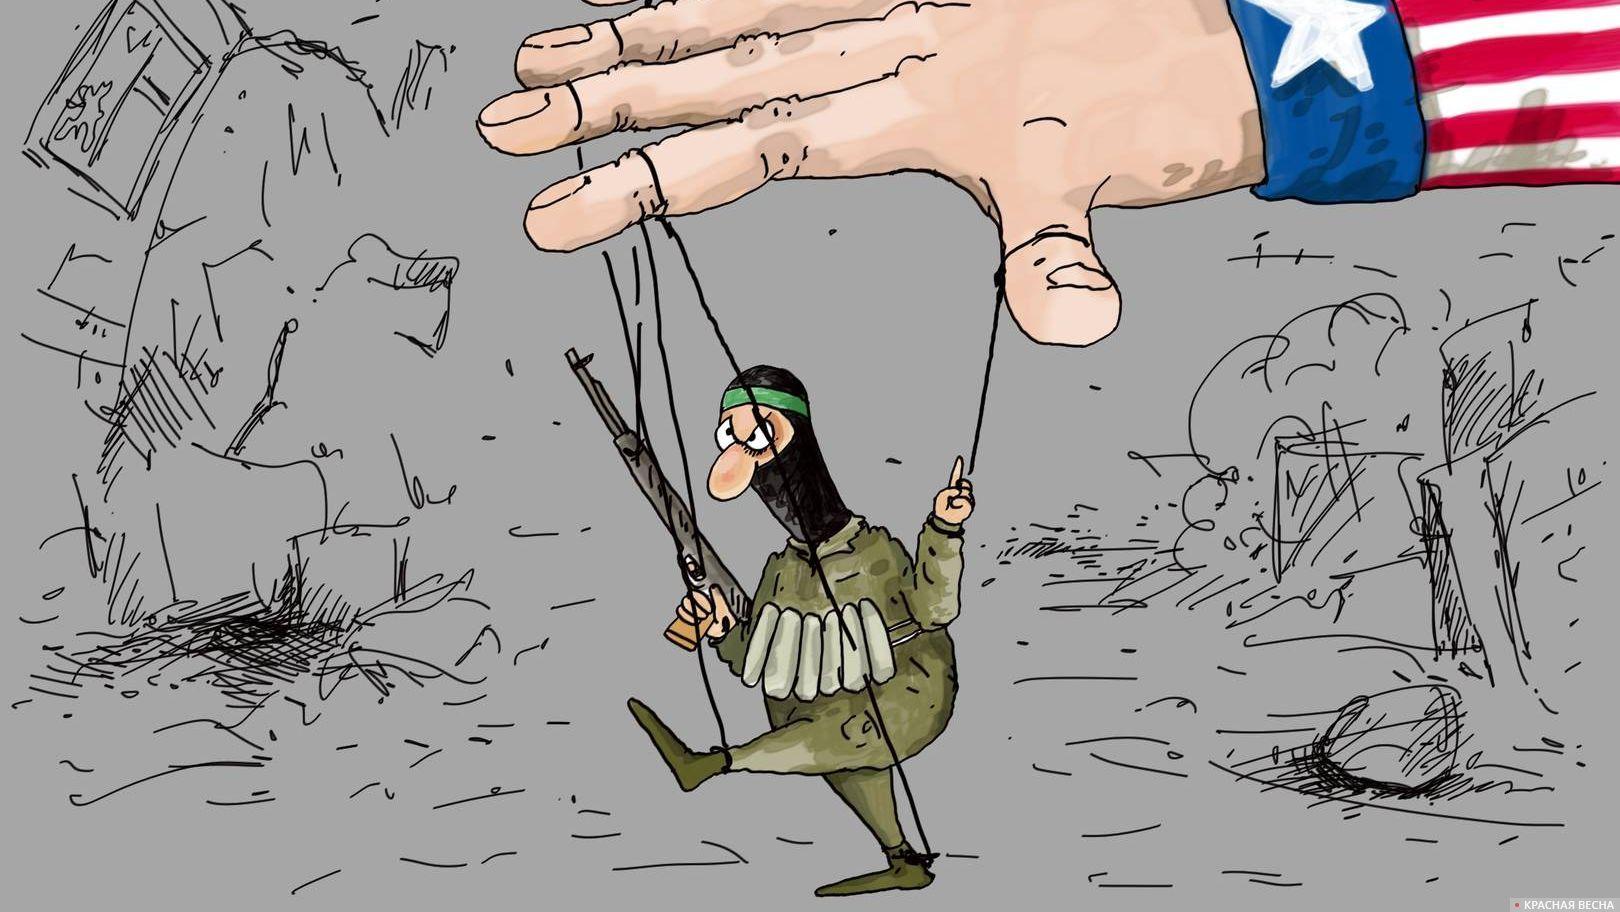 ООН принимает правила РФ: Спецпосланник поСирии едет напереговоры вСочи